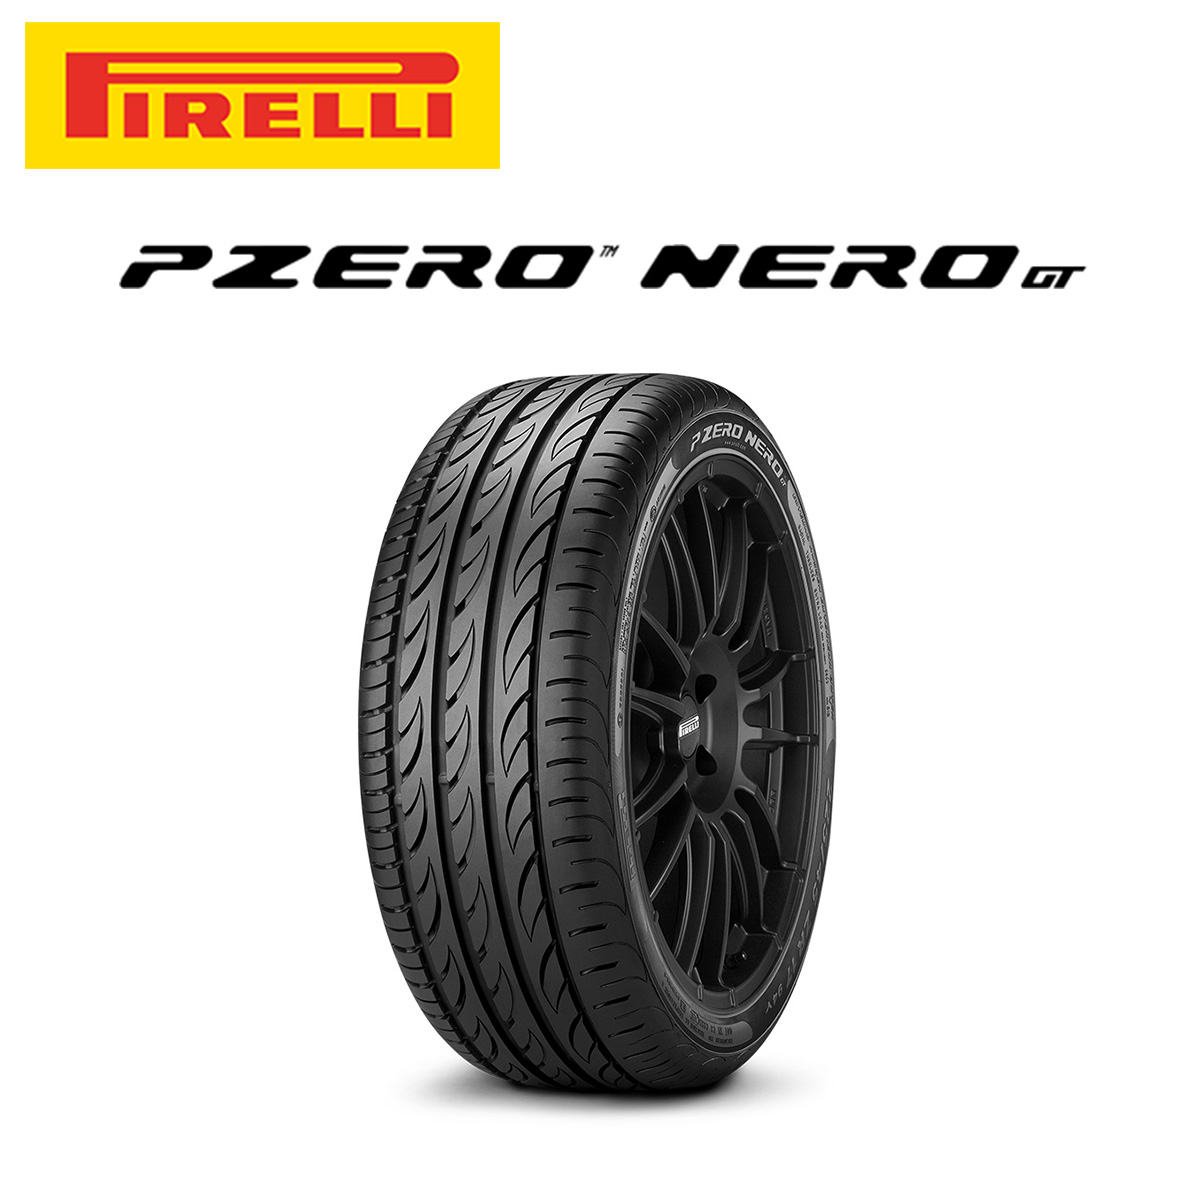 ピレリ PIRELLI P ZERO NERO GT ピーゼロネロ ジーティ 22インチ サマー タイヤ 4本 セット 305/30ZR22 105Y XL EXTRA LOAD規格 ロープロファイルタイヤシリーズ 2387300